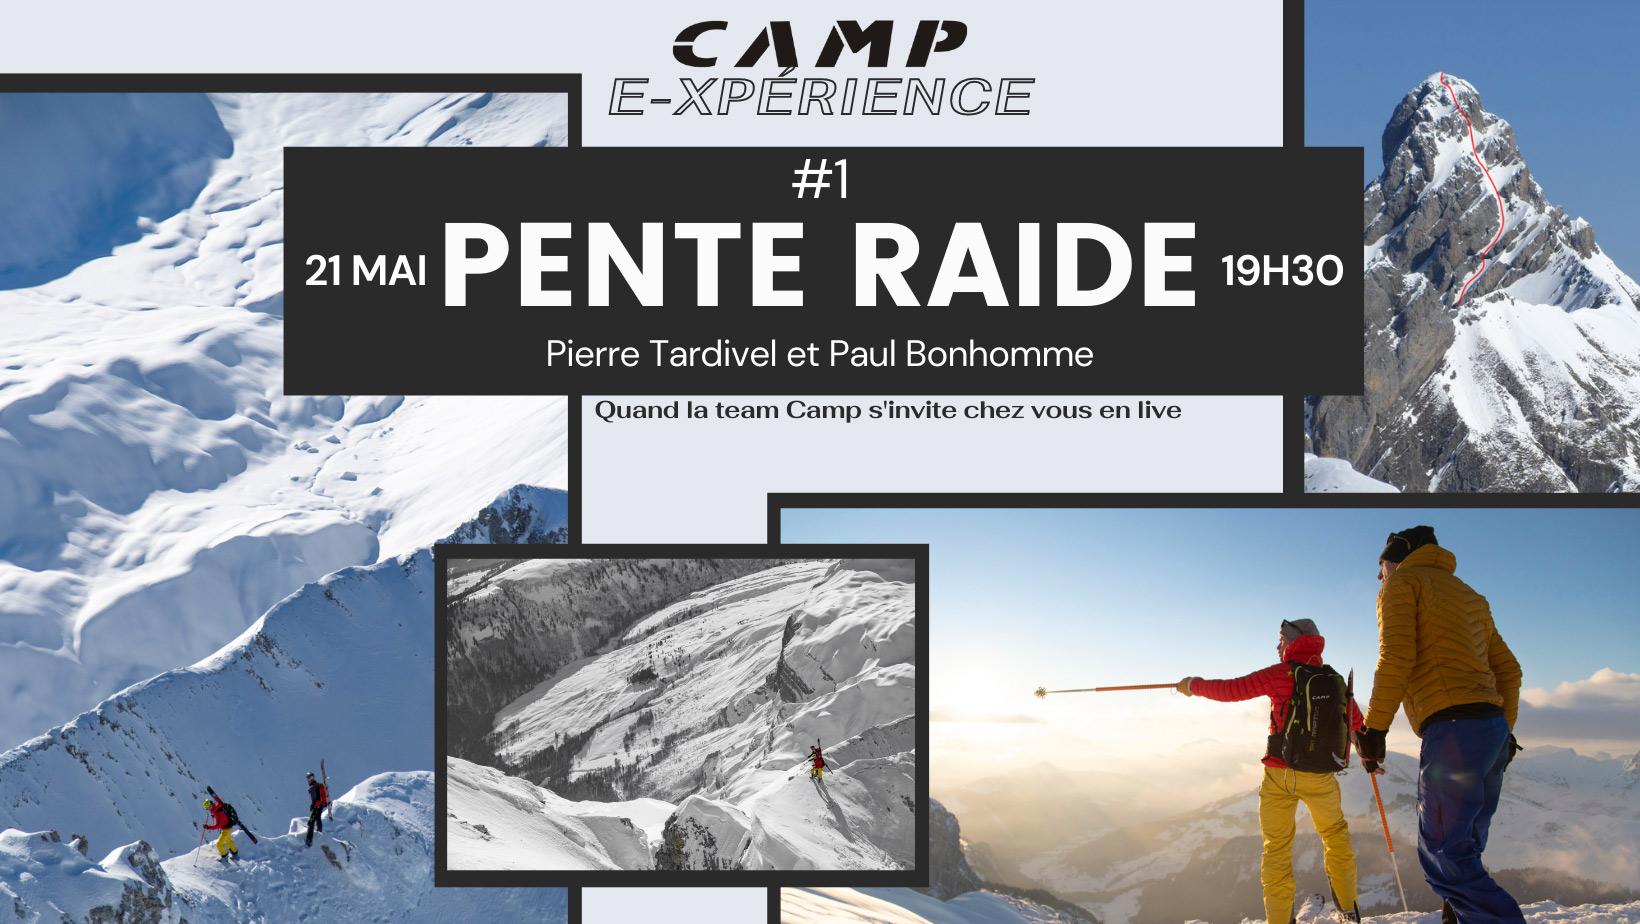 Camp E-Experience #1 Pente Raide avec Pierre Tardive et Paul Bonhomme